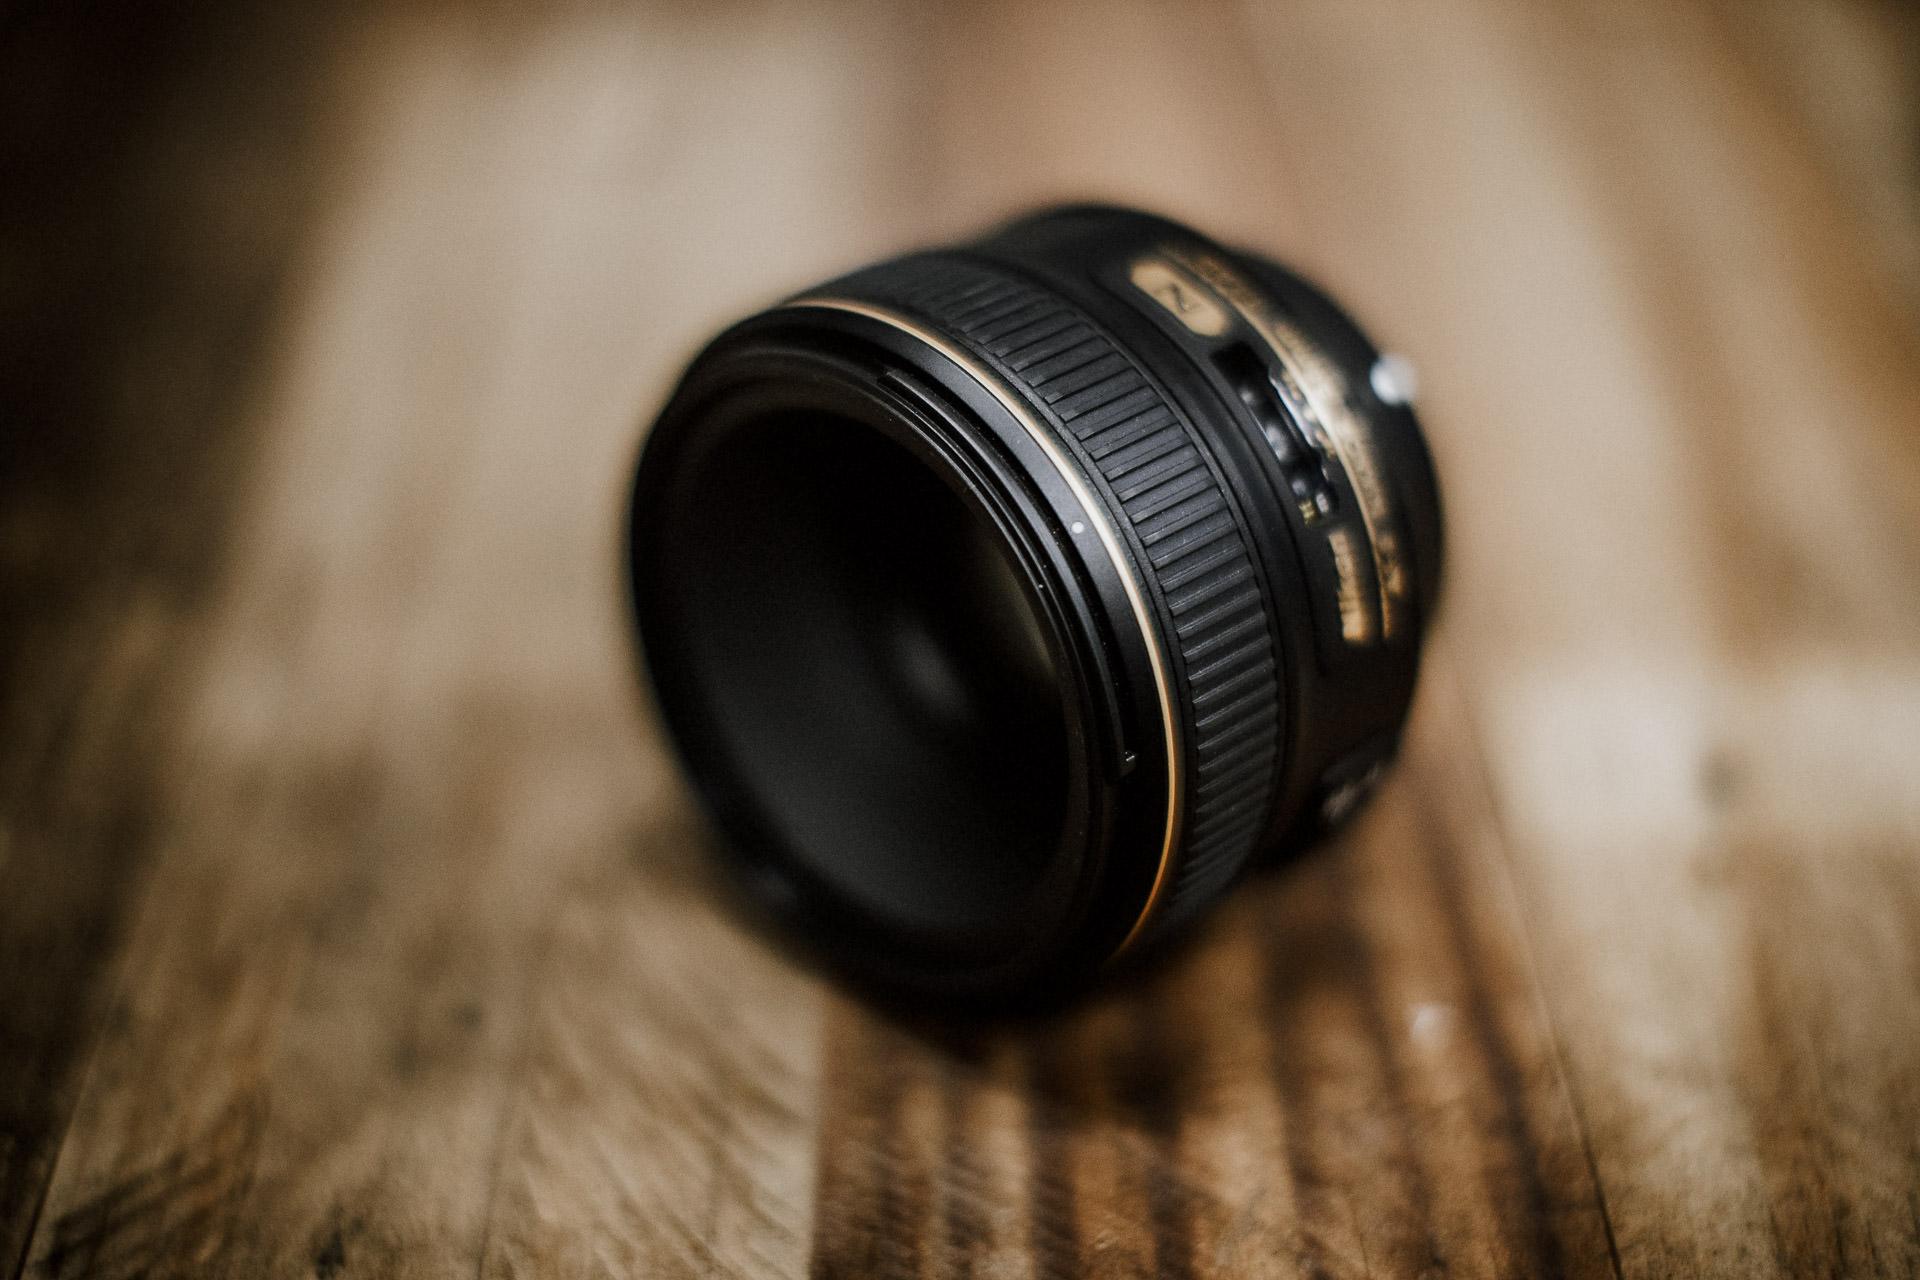 Nikon 58mm f/1.4G